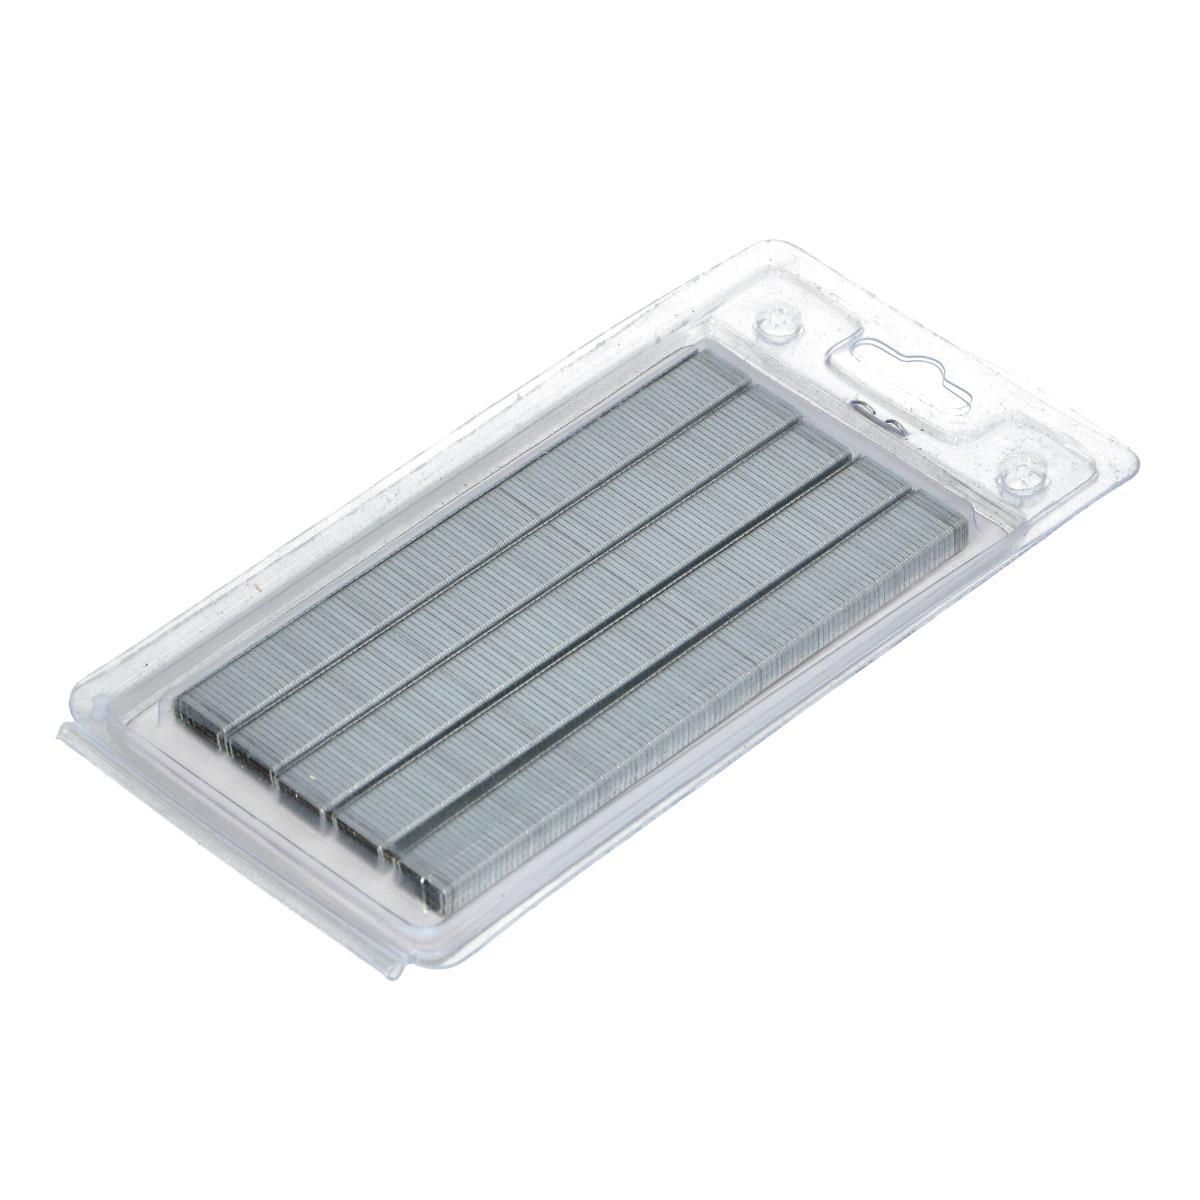 Tackerklammern 1000 Stück TYP G 12 mm Klammern Tacker Heftklammern,FASTER TOOLS,3573, 5907078935737